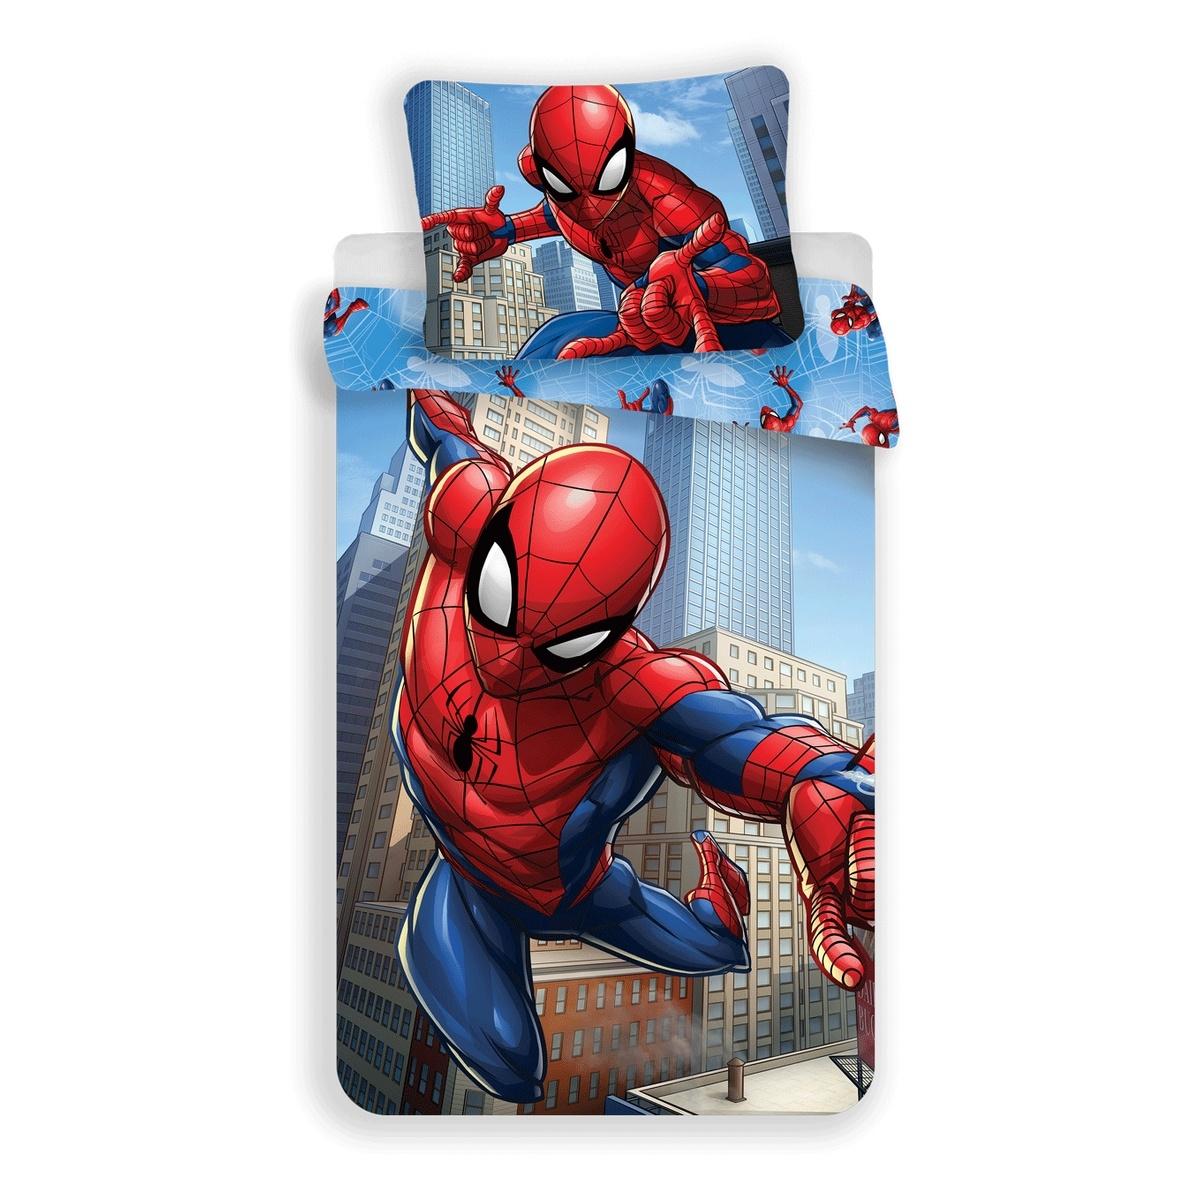 Jerry Fabrics Dětské povlečení Spiderman Blue micro (048), 140 x 200 cm, 70 x 90 cm